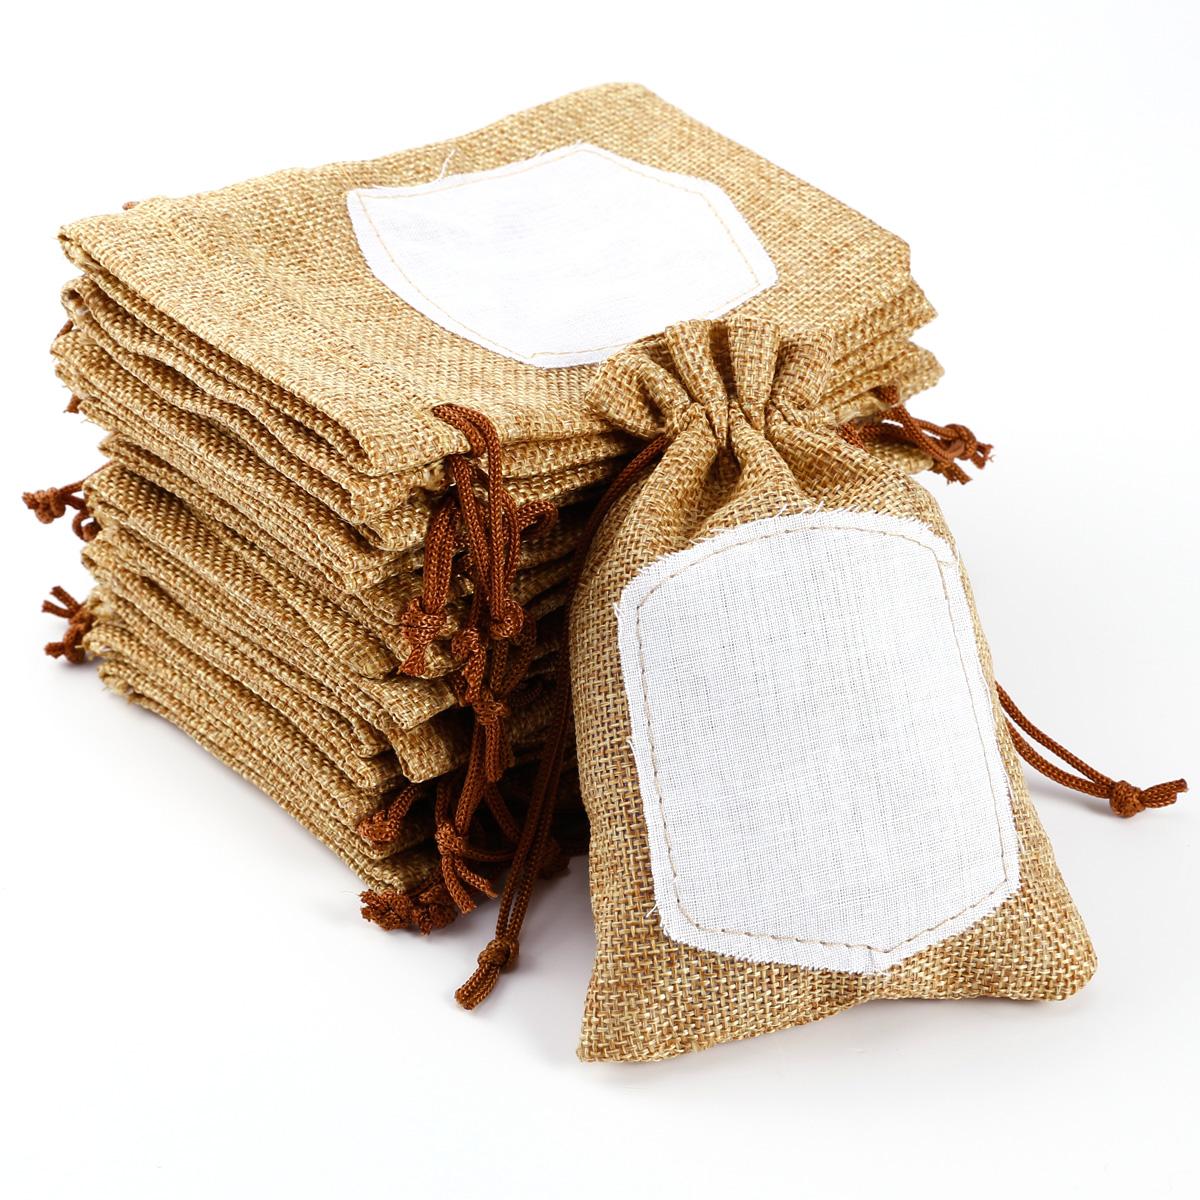 20pcs bolsa de organza bolsitas de tela de saco para - Bolsitas de tela de saco ...